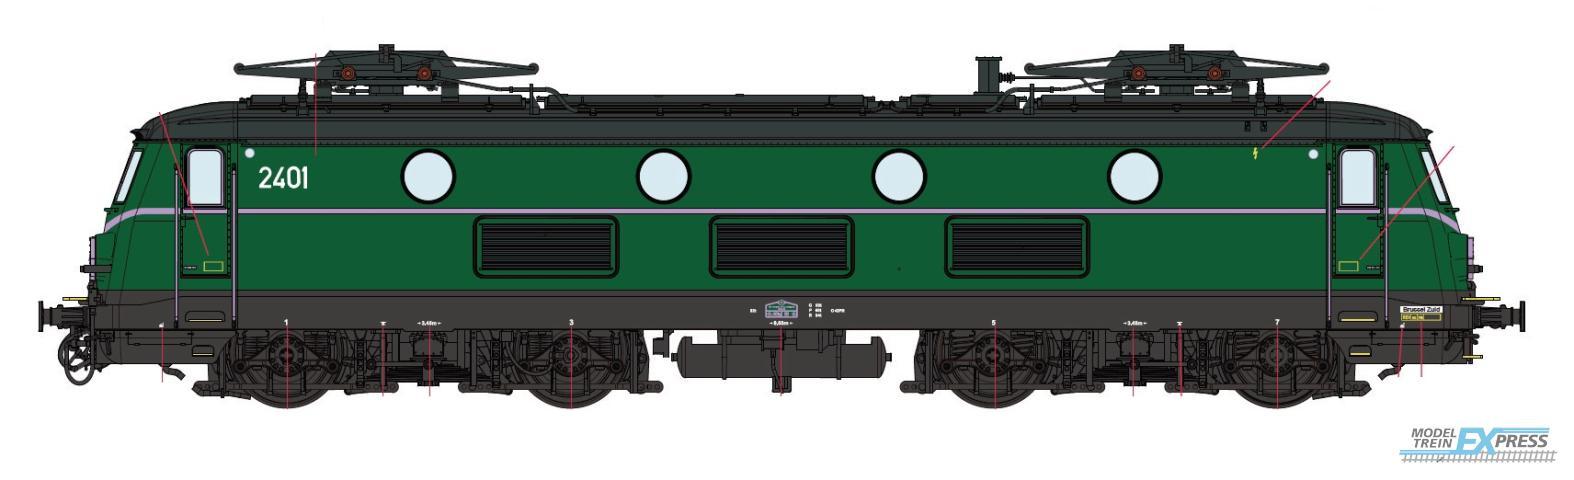 B-Models 3401.04